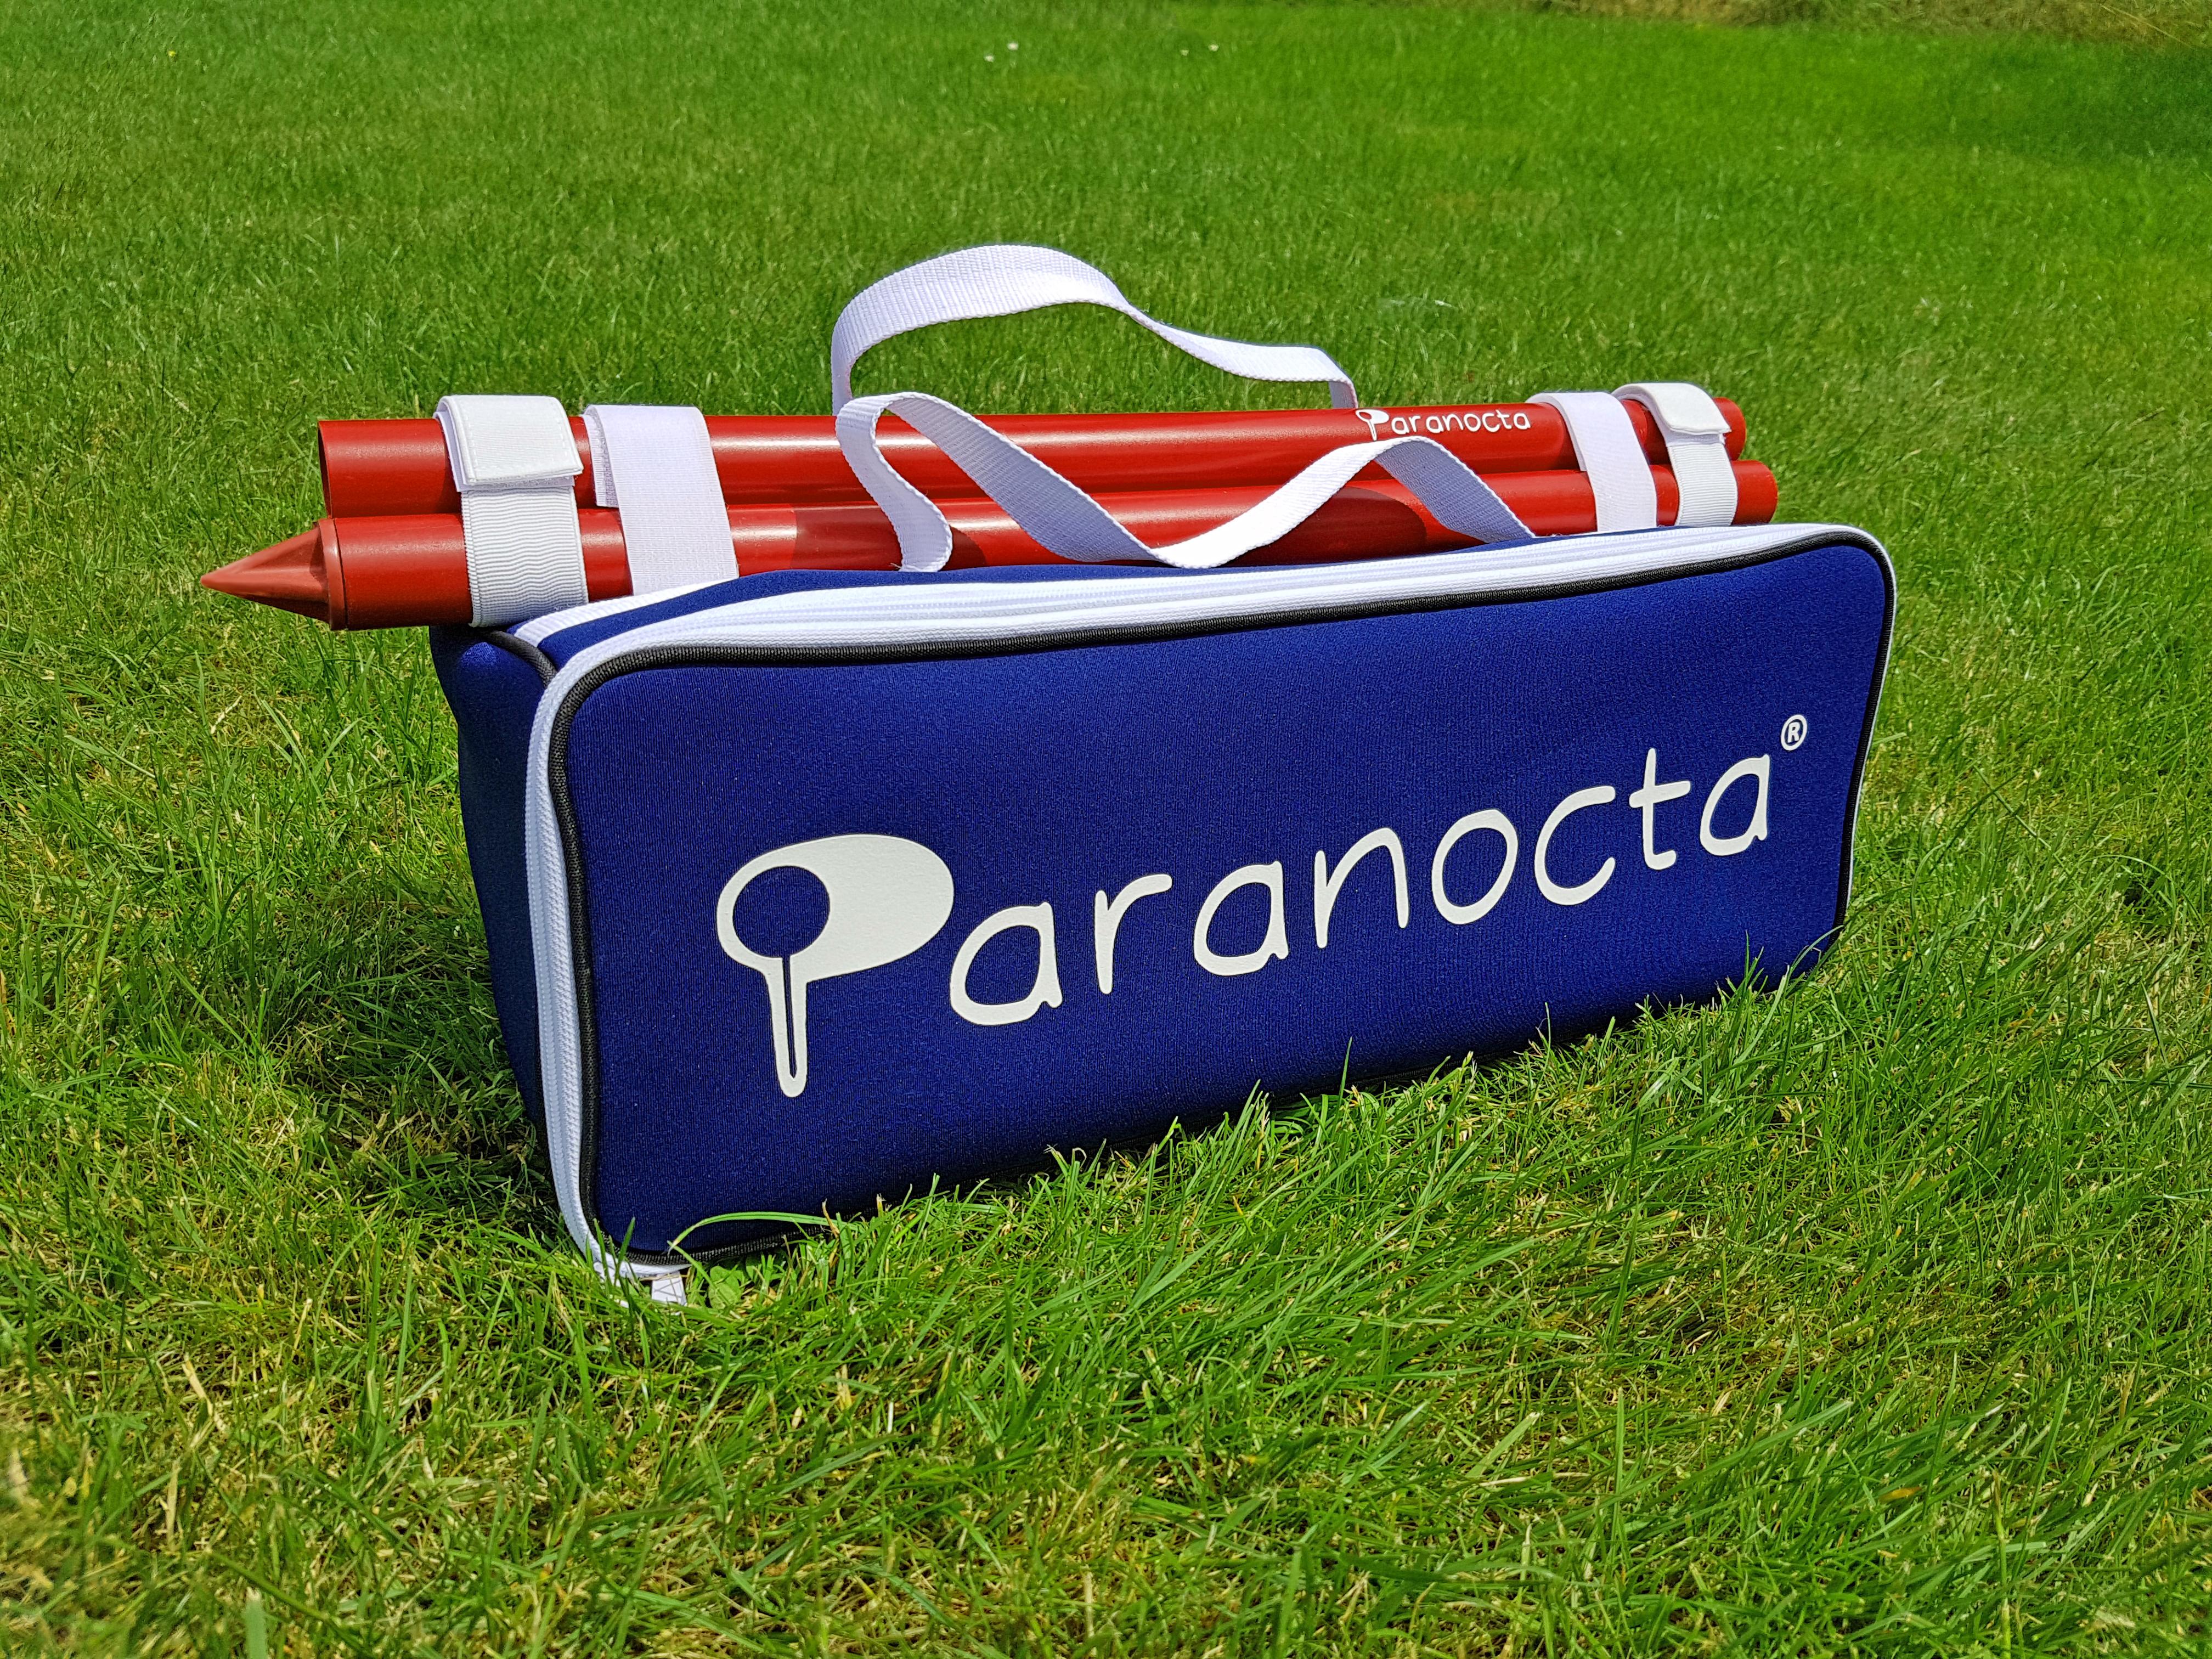 Sac_Paranocta_rouge[1]